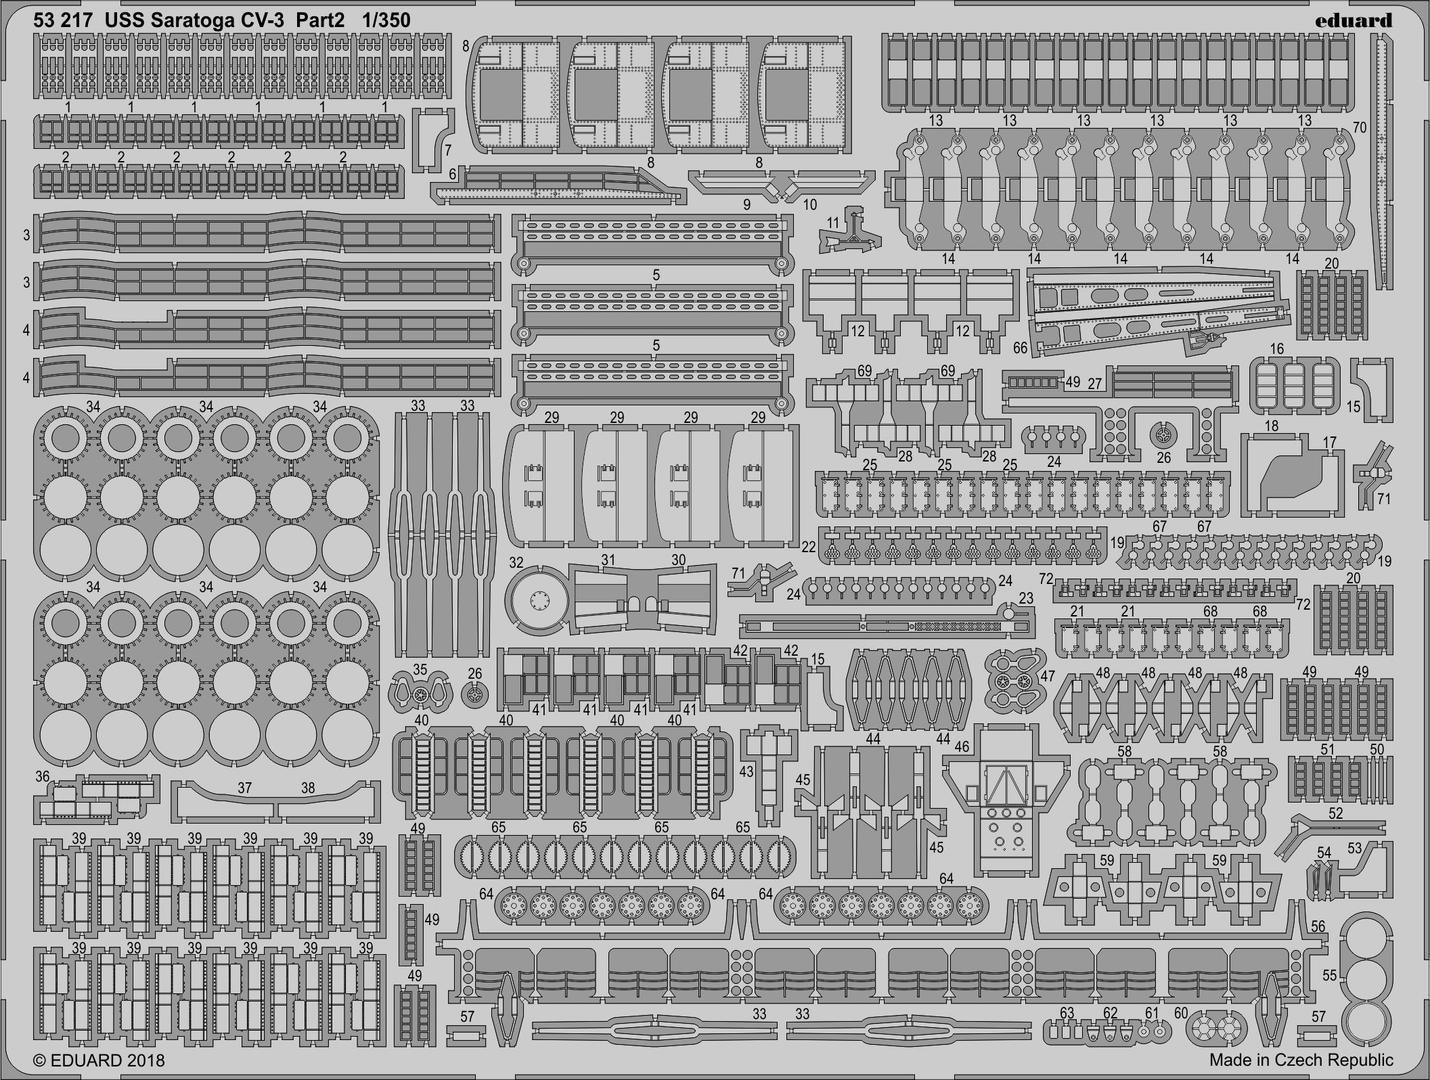 Eduard 1 350 photoetched details for USS Saratoga CV3 (pt 2) - Trumpeter 53217